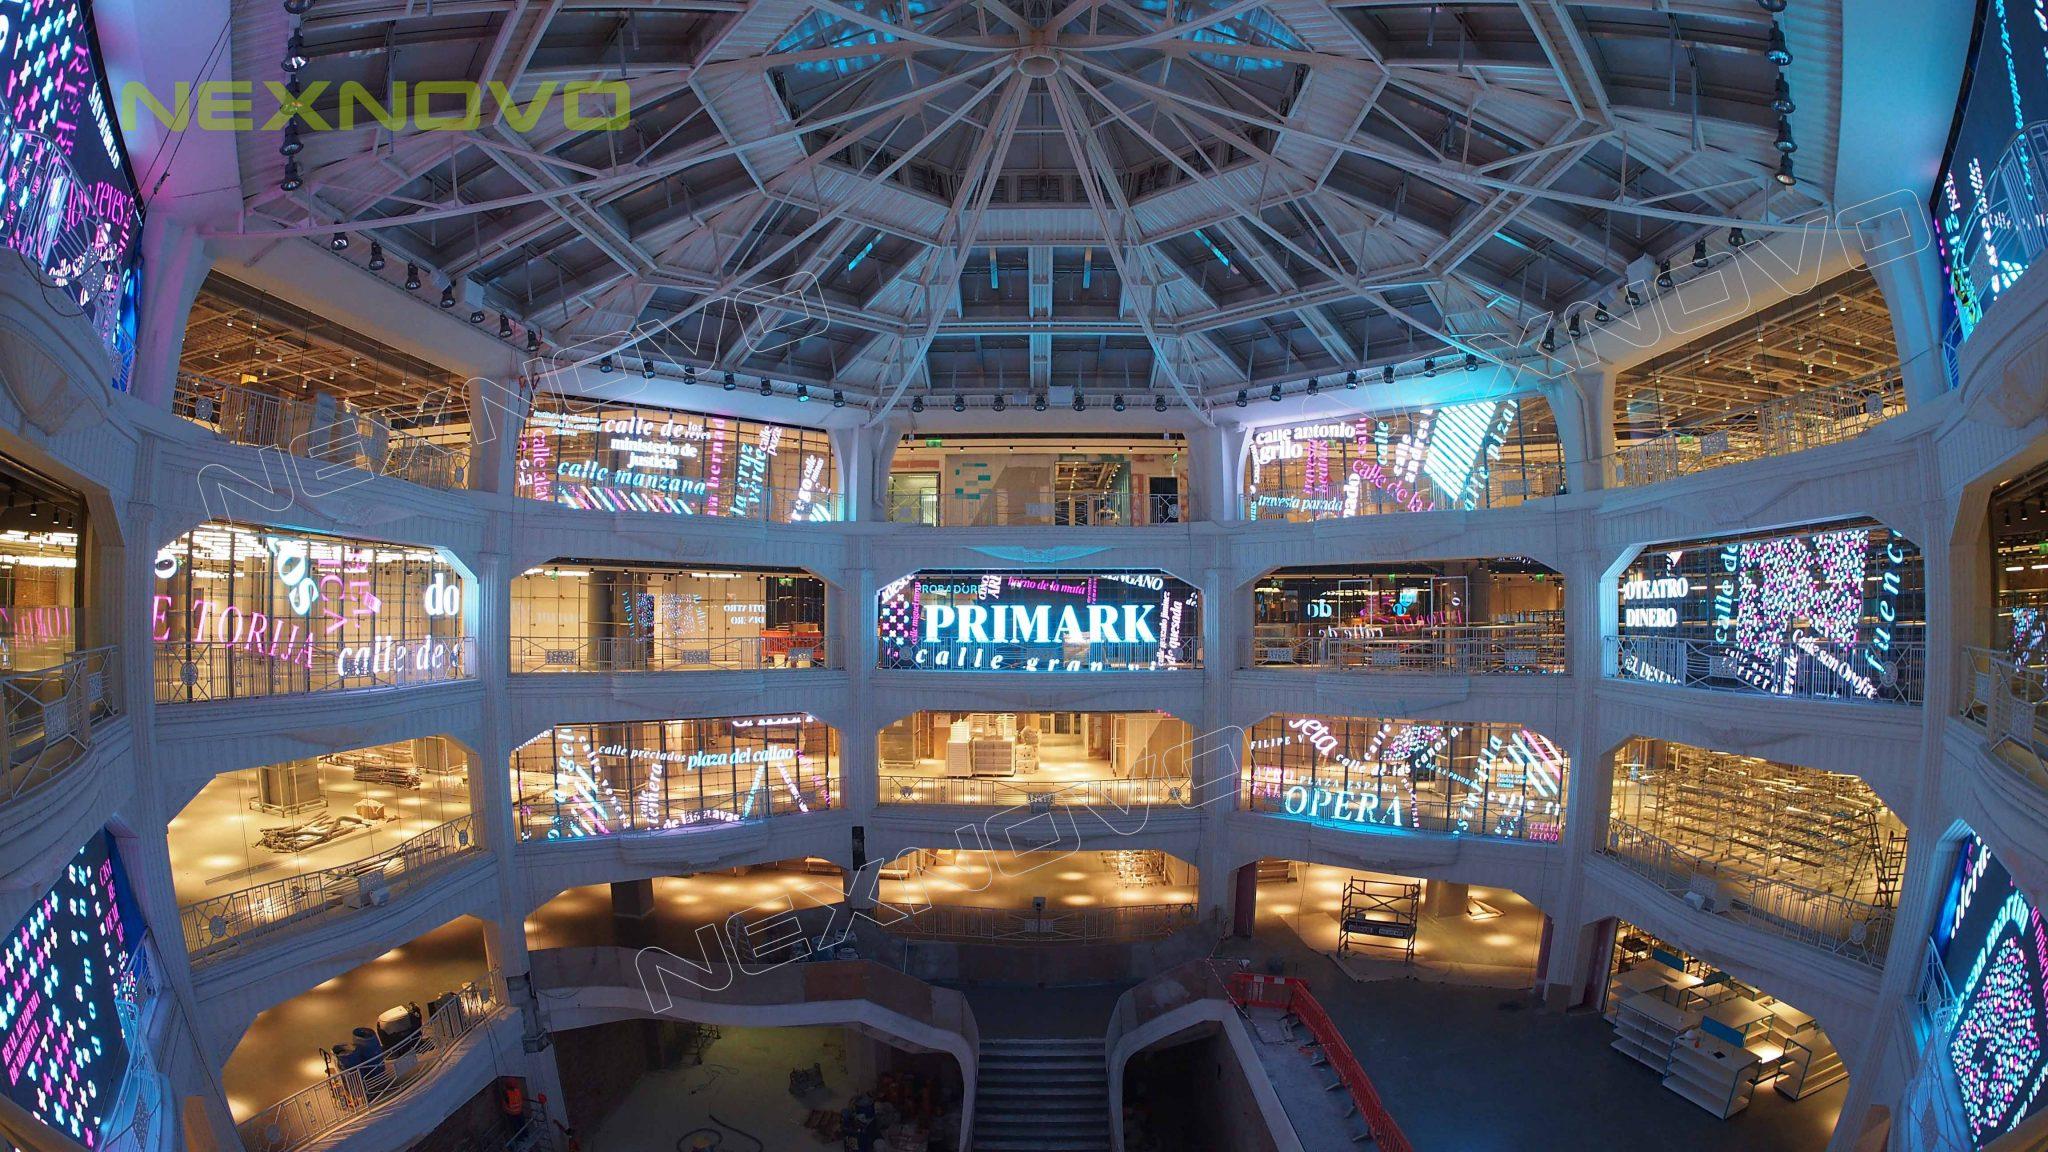 ecran led transparent centre commercial